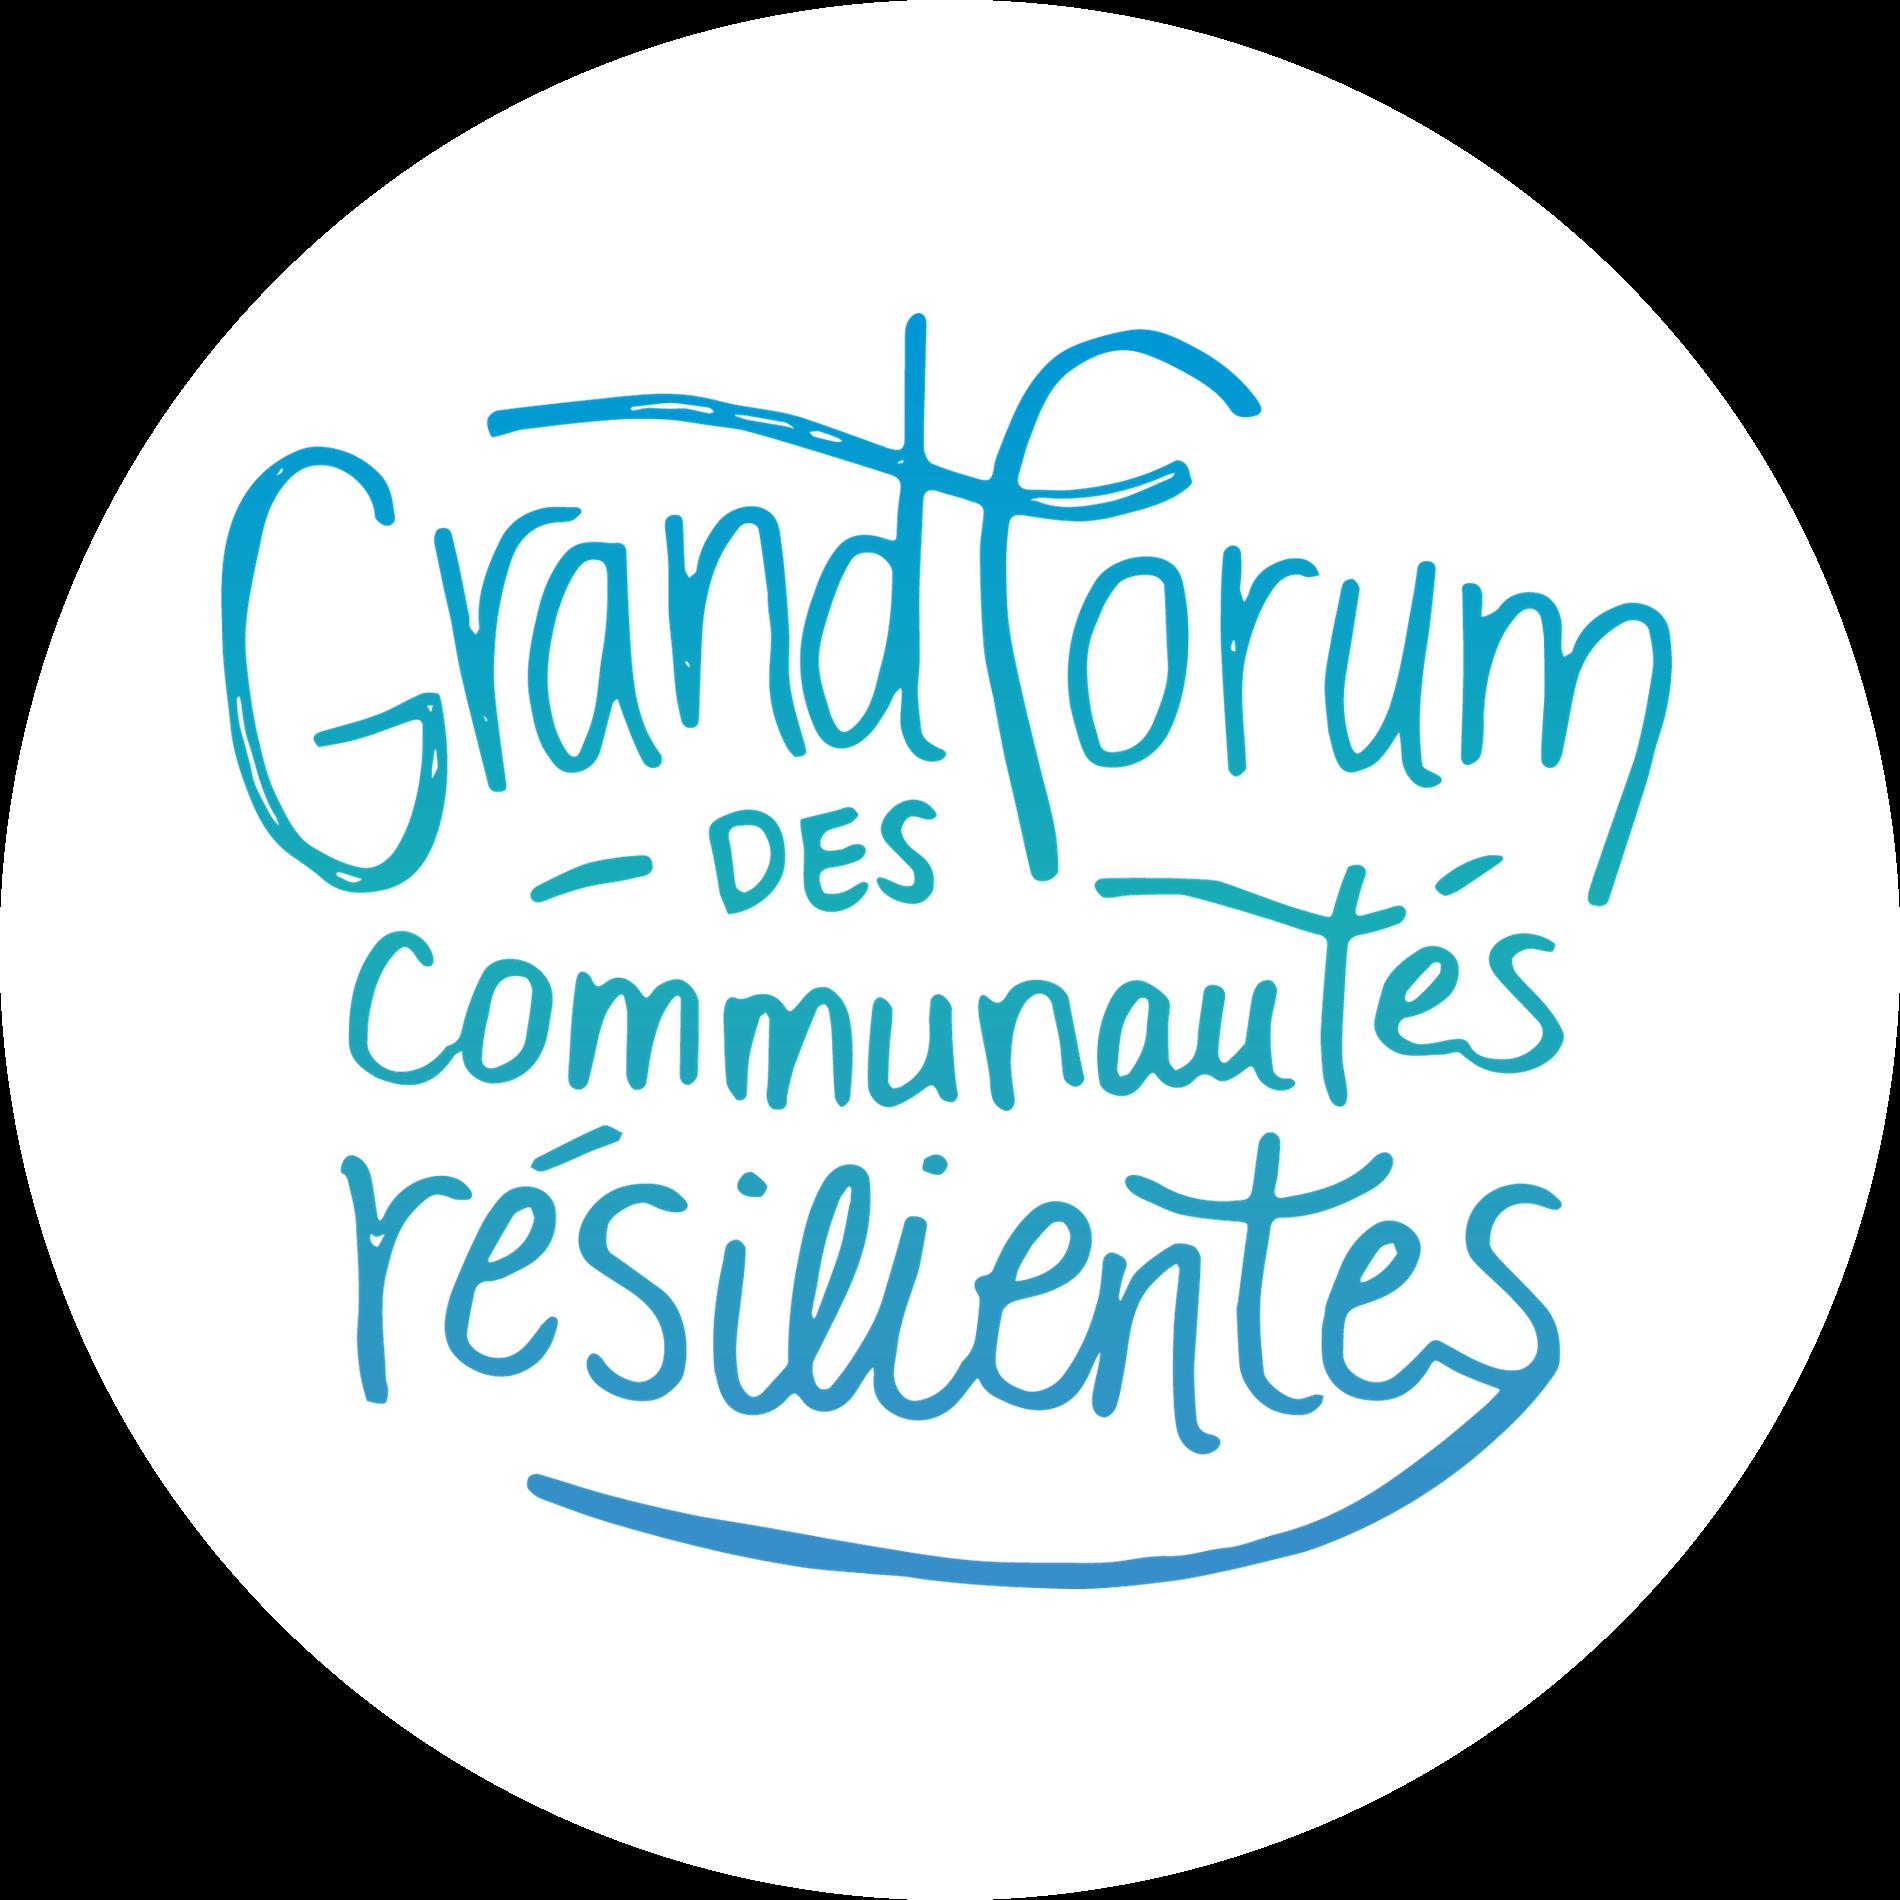 Grand forum des communautés résilientes